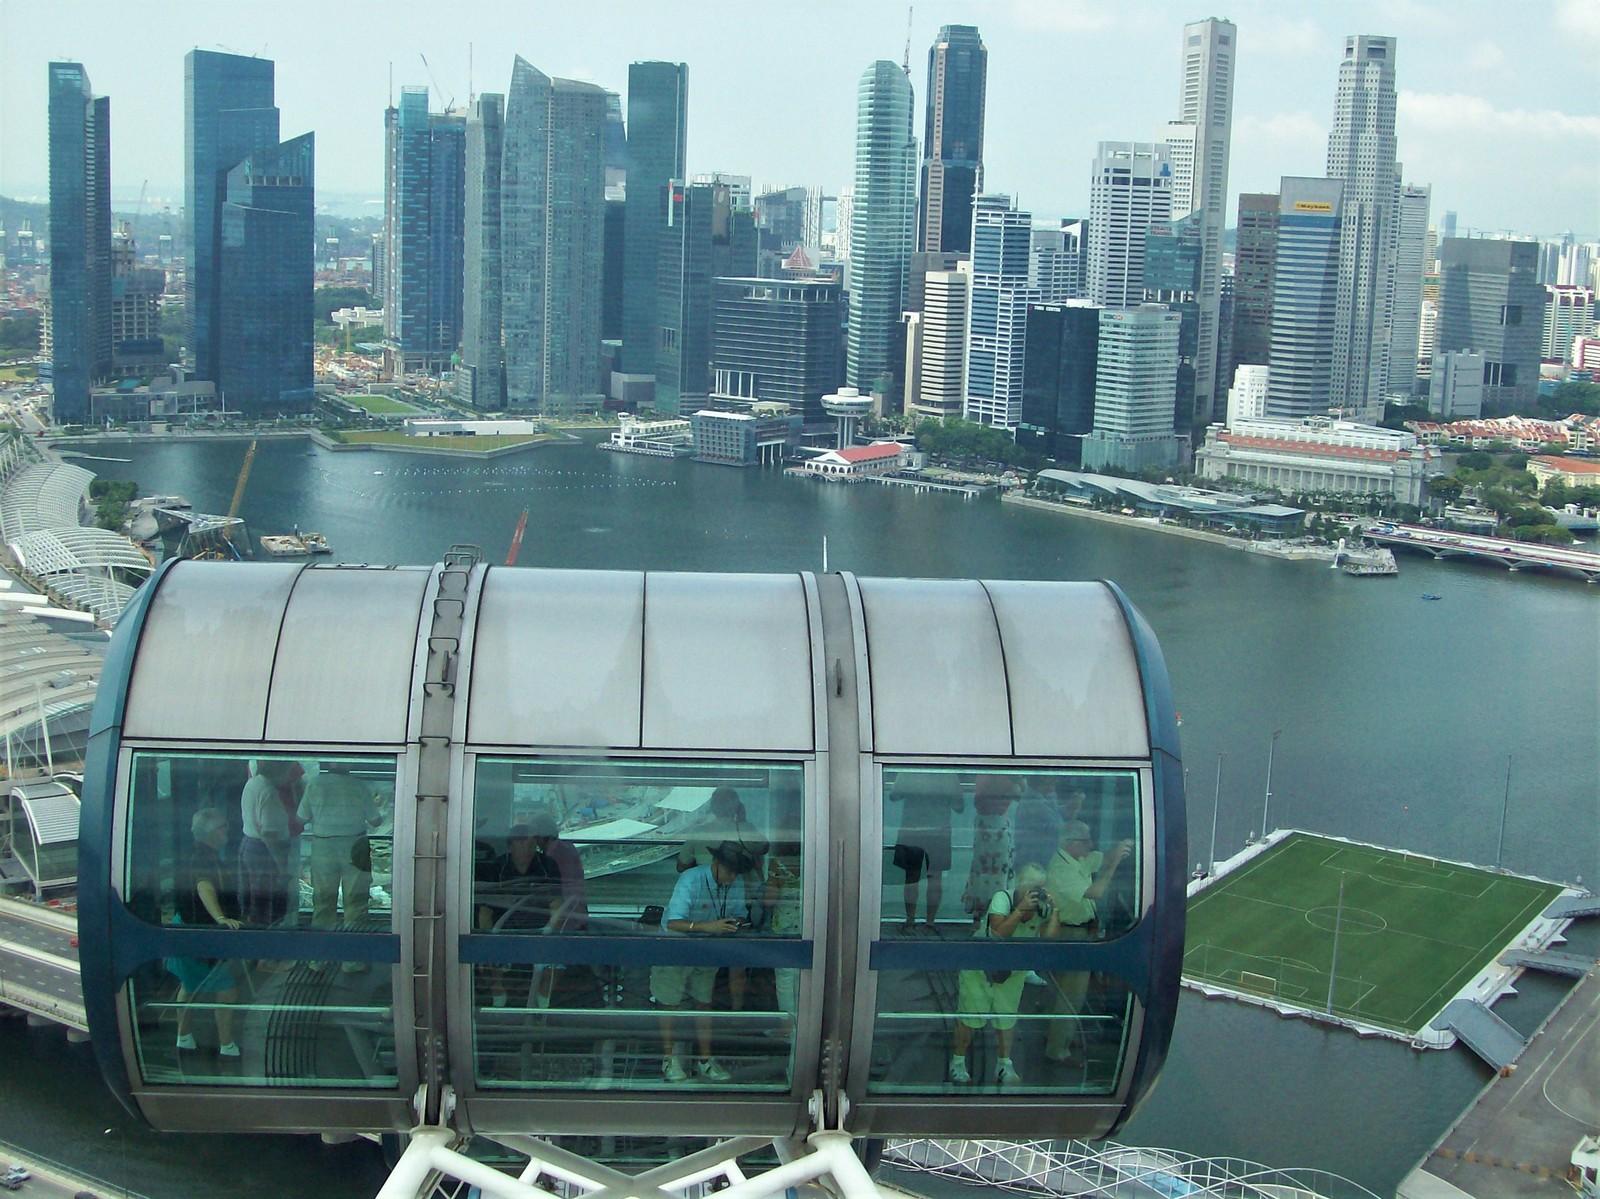 Marina Bay vom Singapur Flyer gesehen